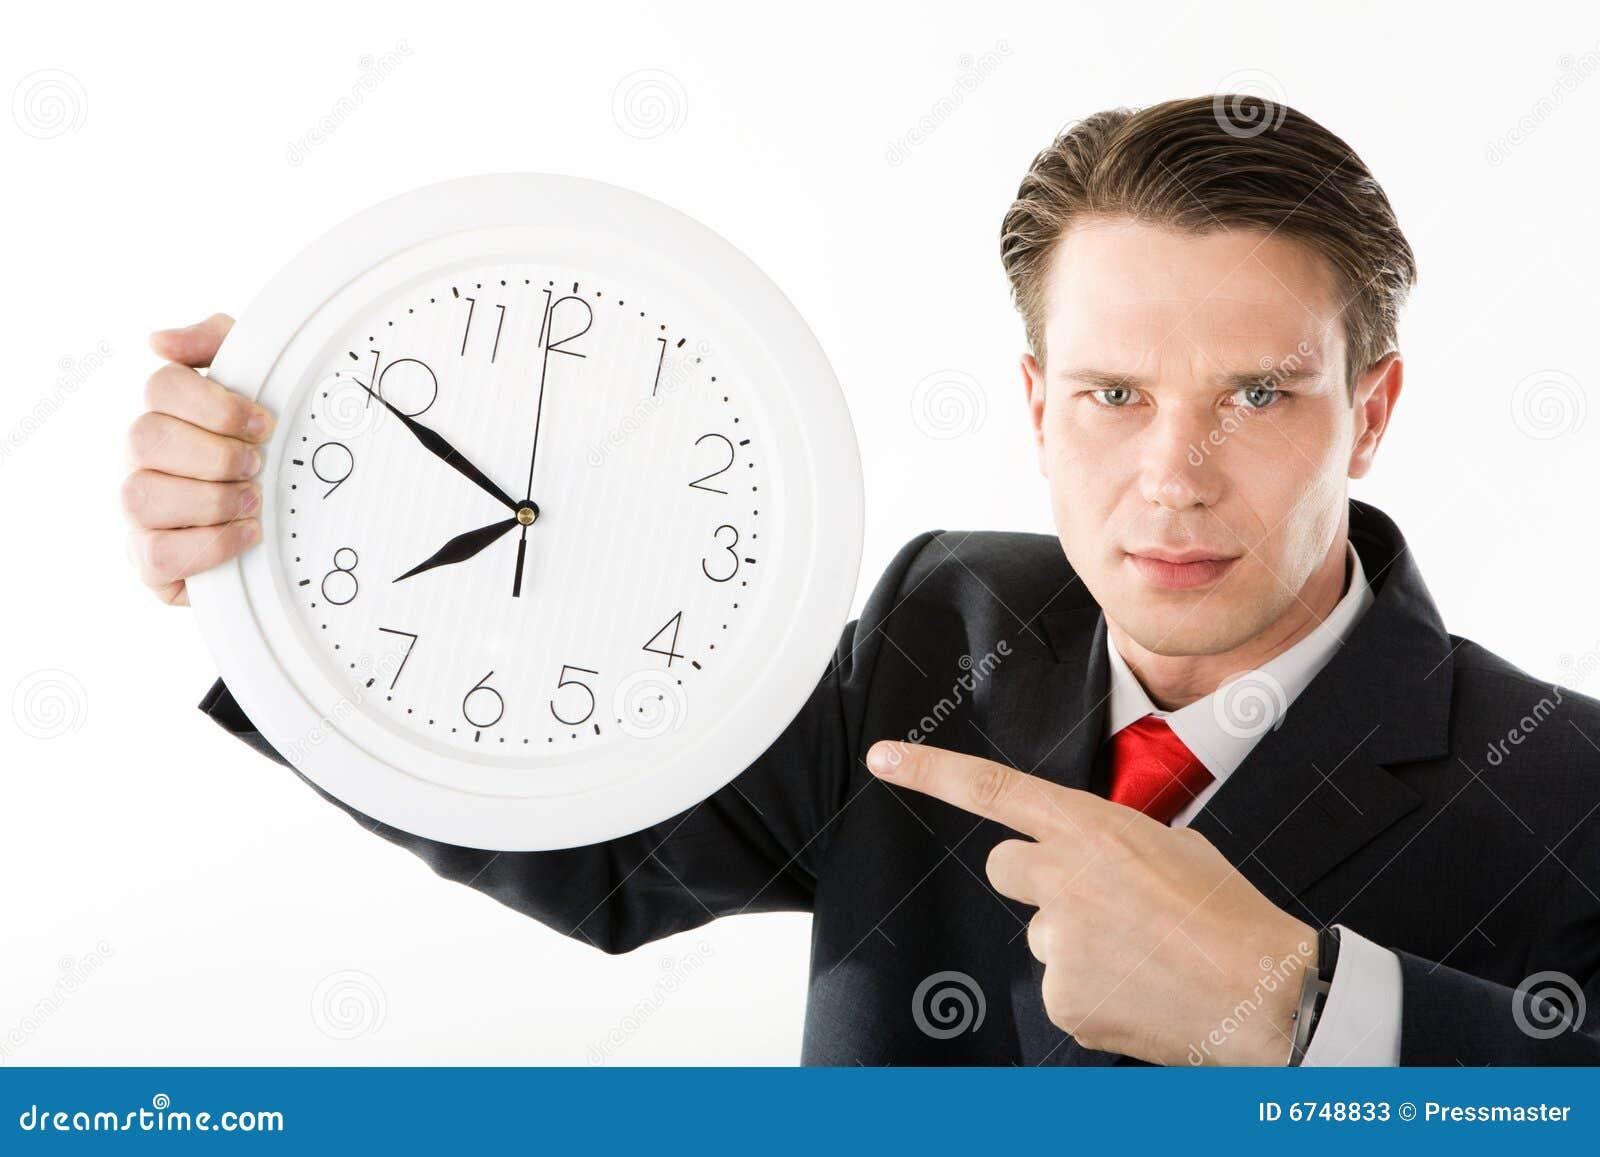 Hurry Up! Stock Photos - Image: 6748833